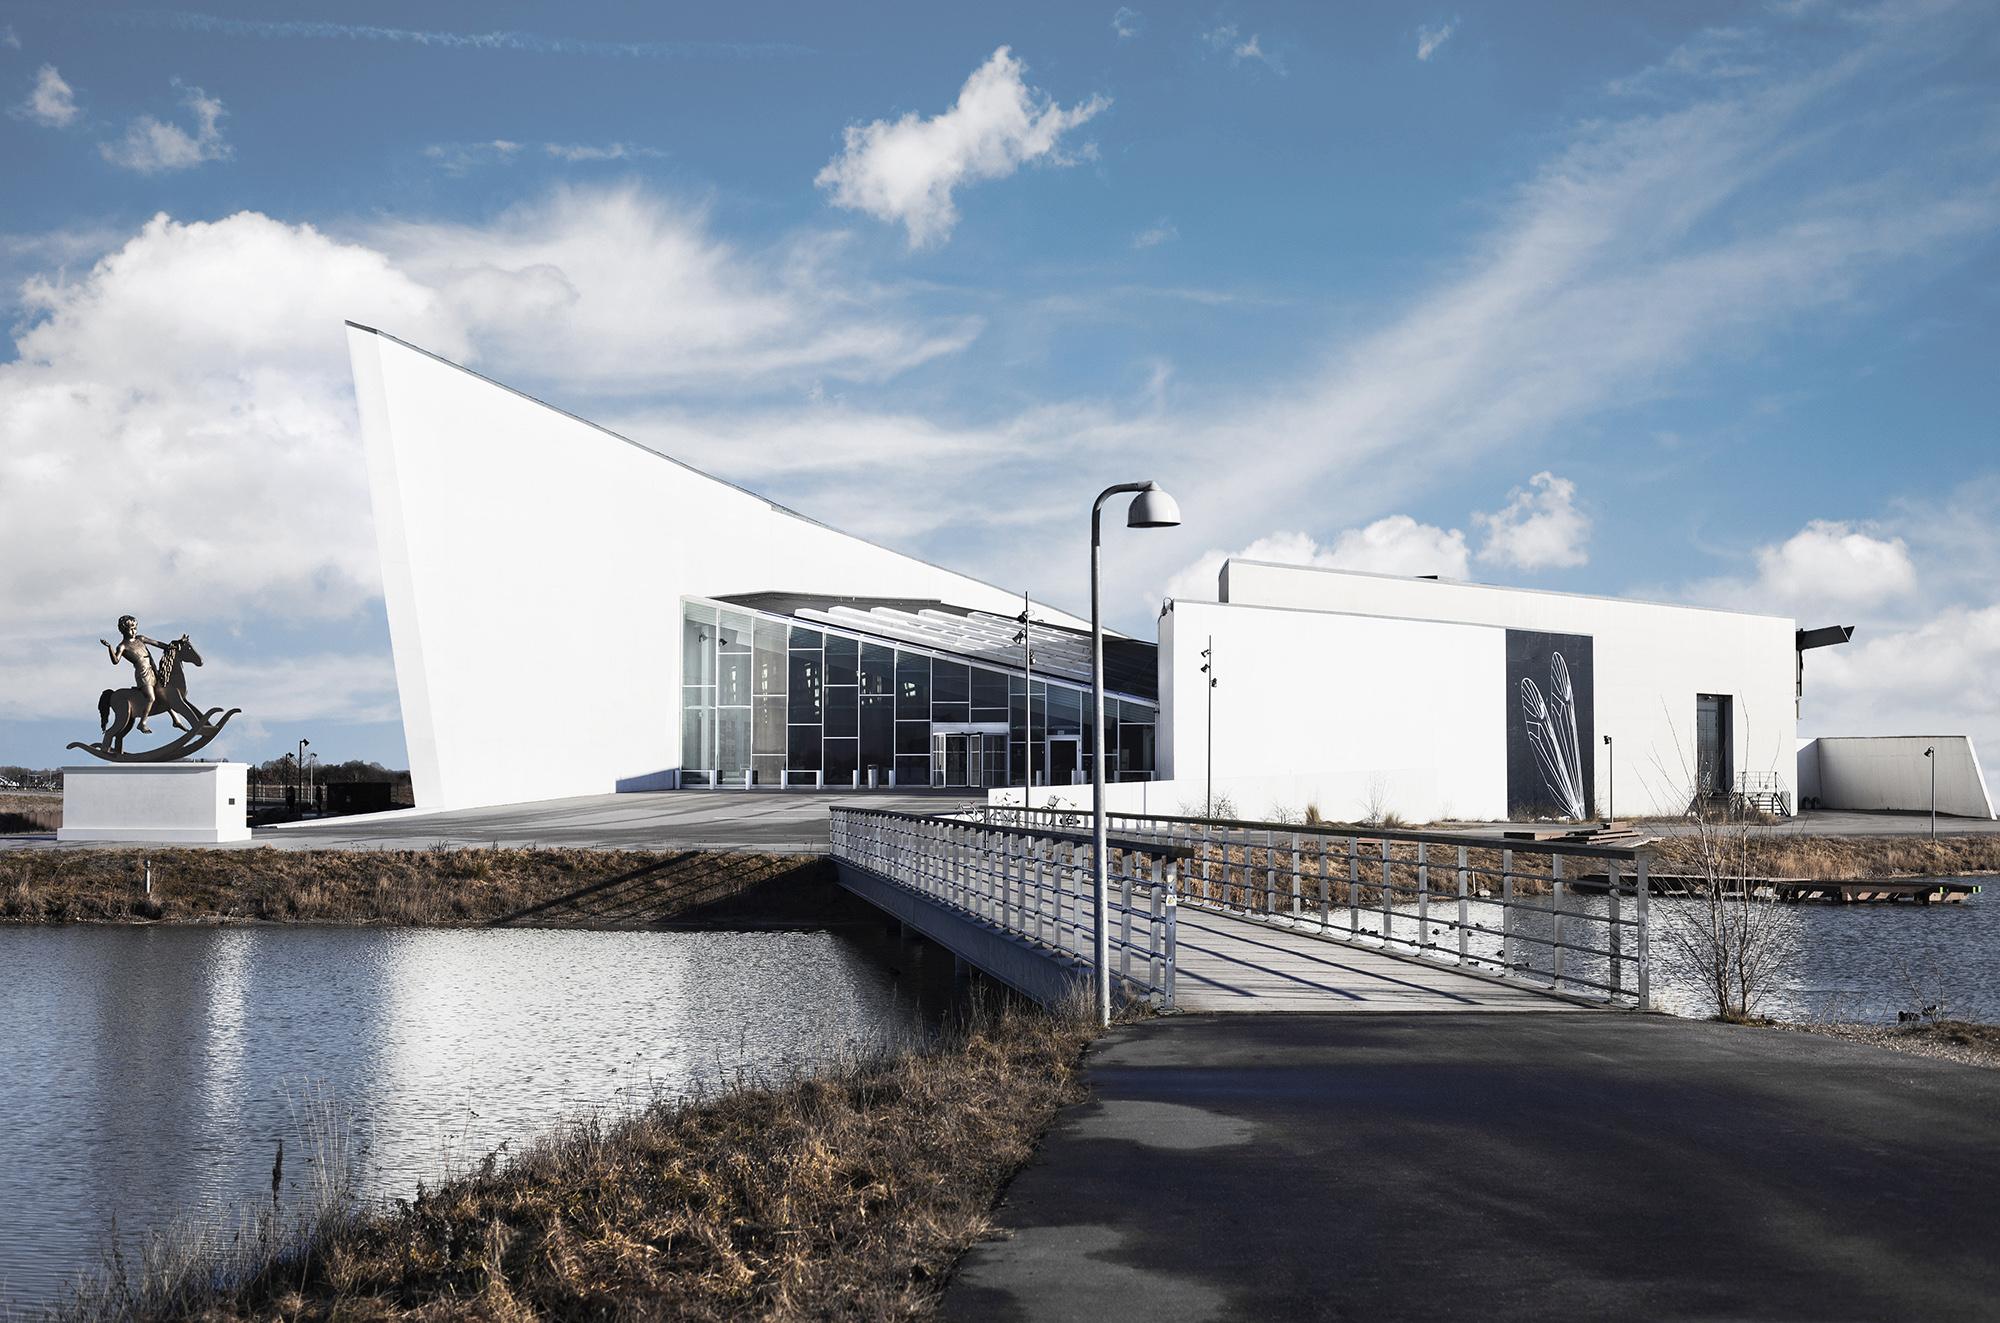 KLUB ARKEN: Kunstmøde – ARKENs jubilæumsudstilling